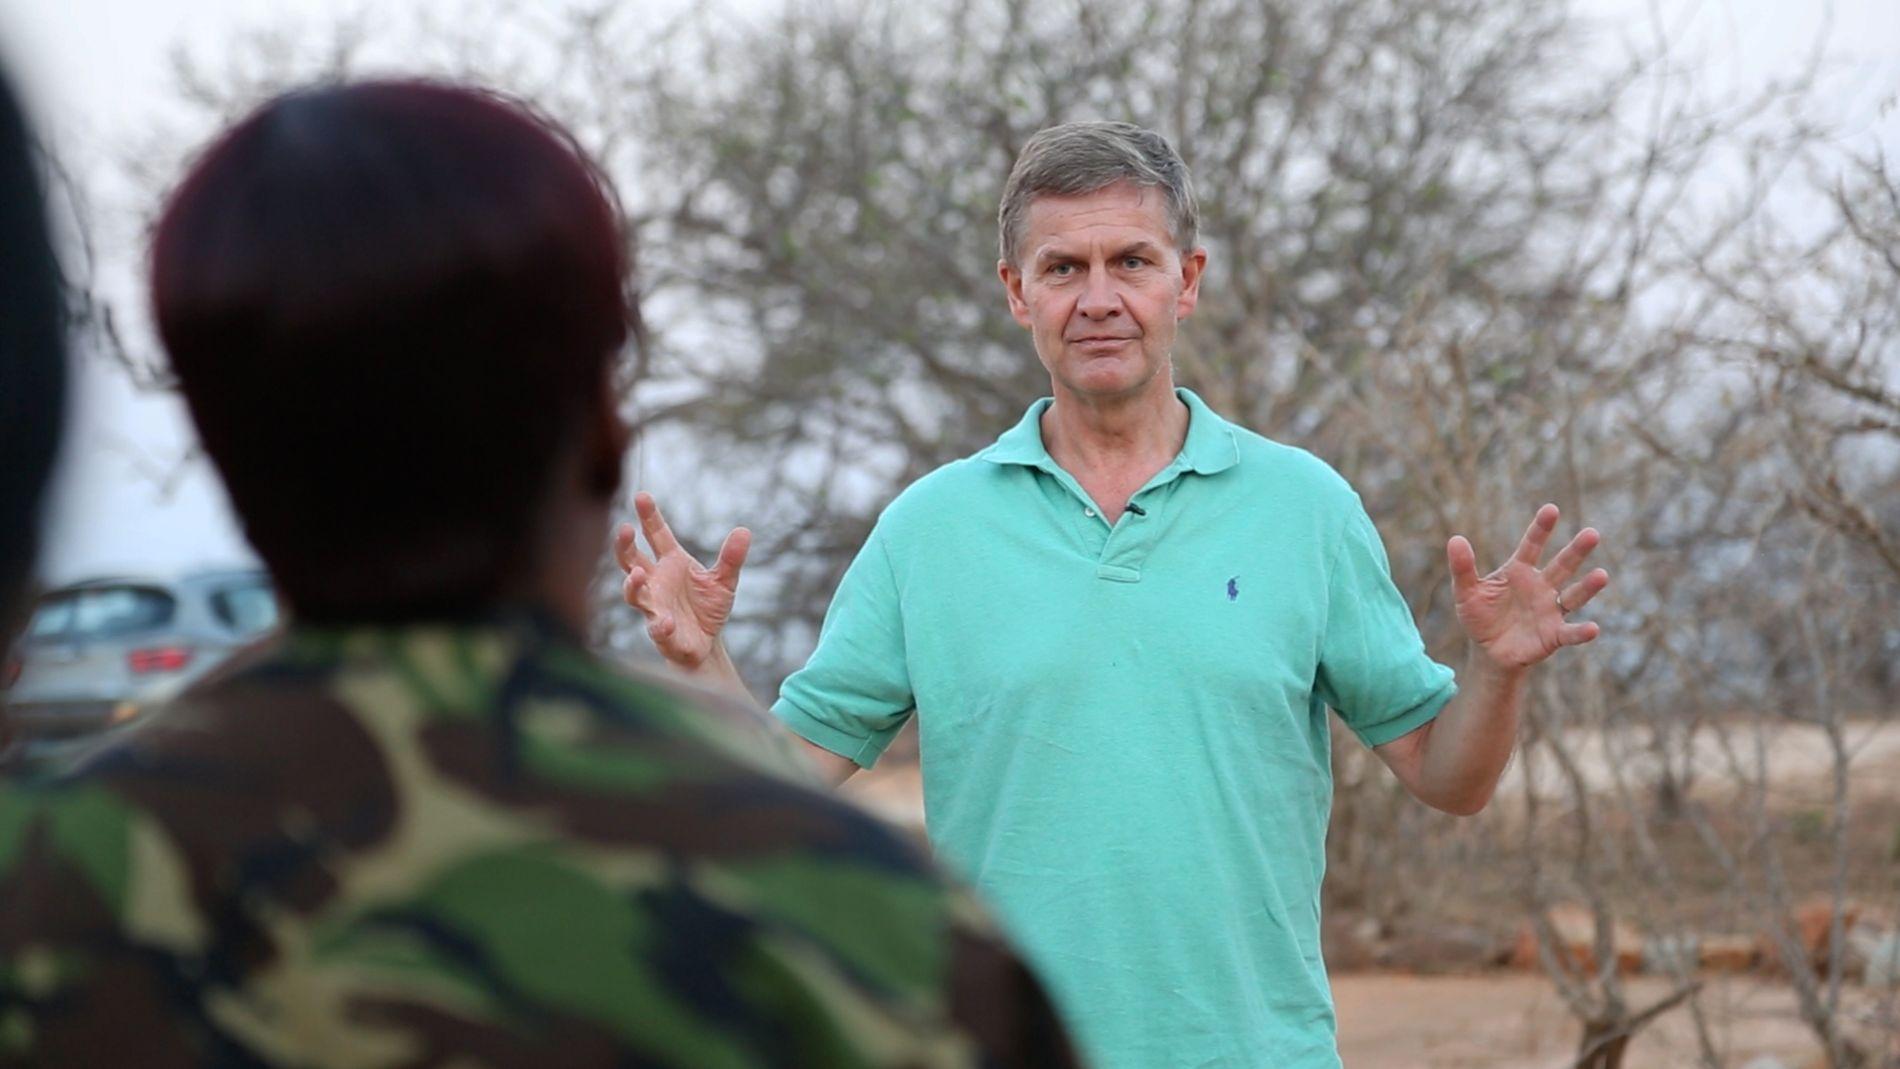 MILJØ OG SIKKERHET: FN-sjef Erik Solheim forteller at væpnede konflikter forsterkes av klimaendringer og miljøødeleggelser. Bildet er fra et møte med sikkerhetsstyrken Black Mamba som bekjemper snikskyting i Sør-Afrika.